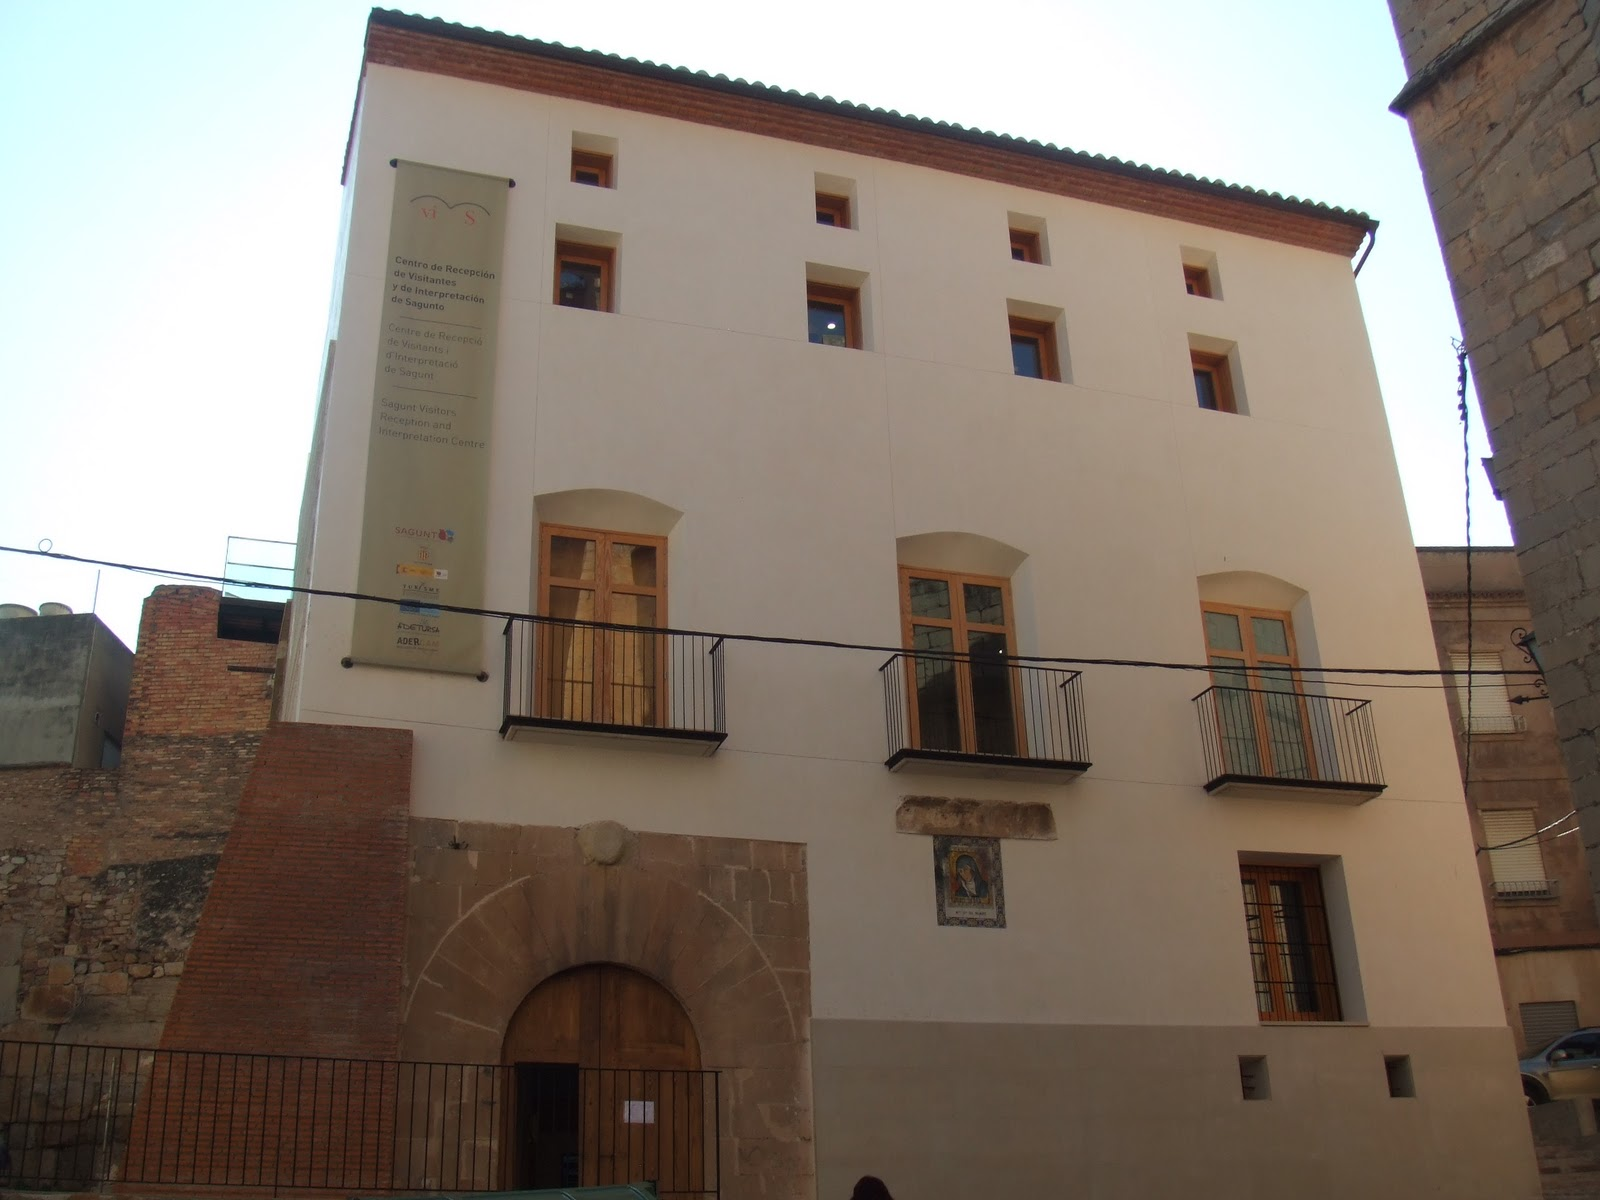 Sagunto saguntum 6 casa dels berenguer o centro de recepci n de visitantes y de interpretaci n - Casas en sagunto ...